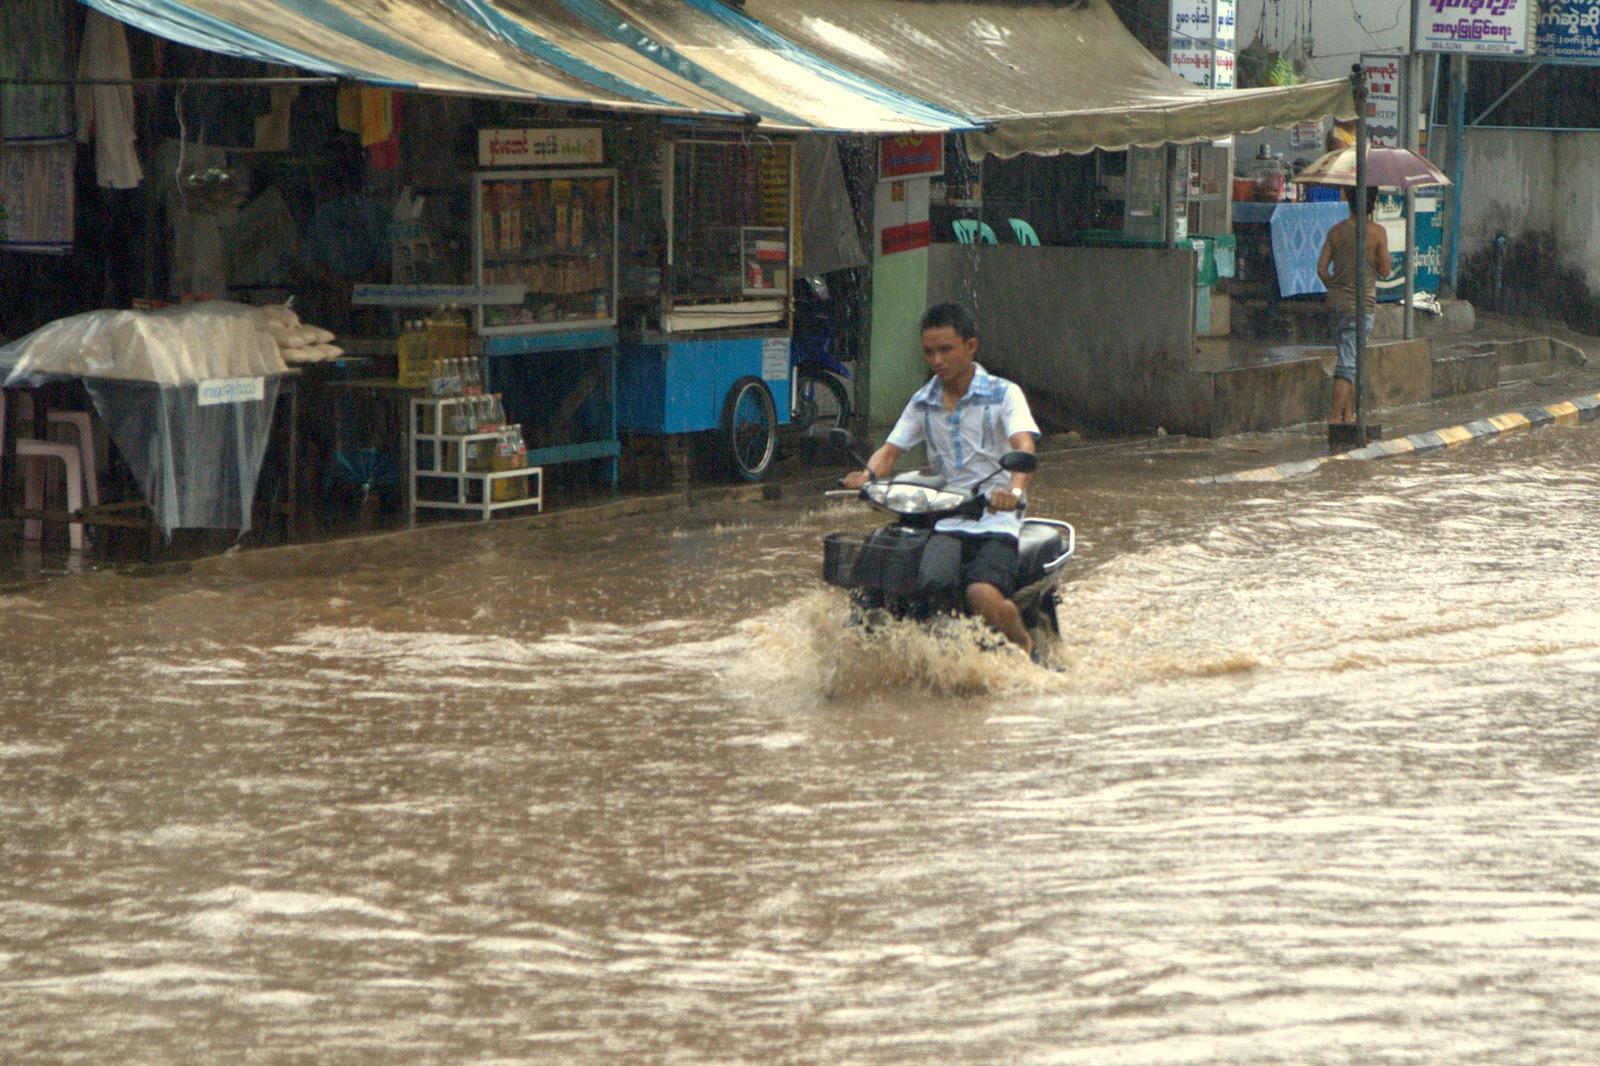 Zaliczyć Birmę, spróbować kasztanów i uciec przed powodzią 129